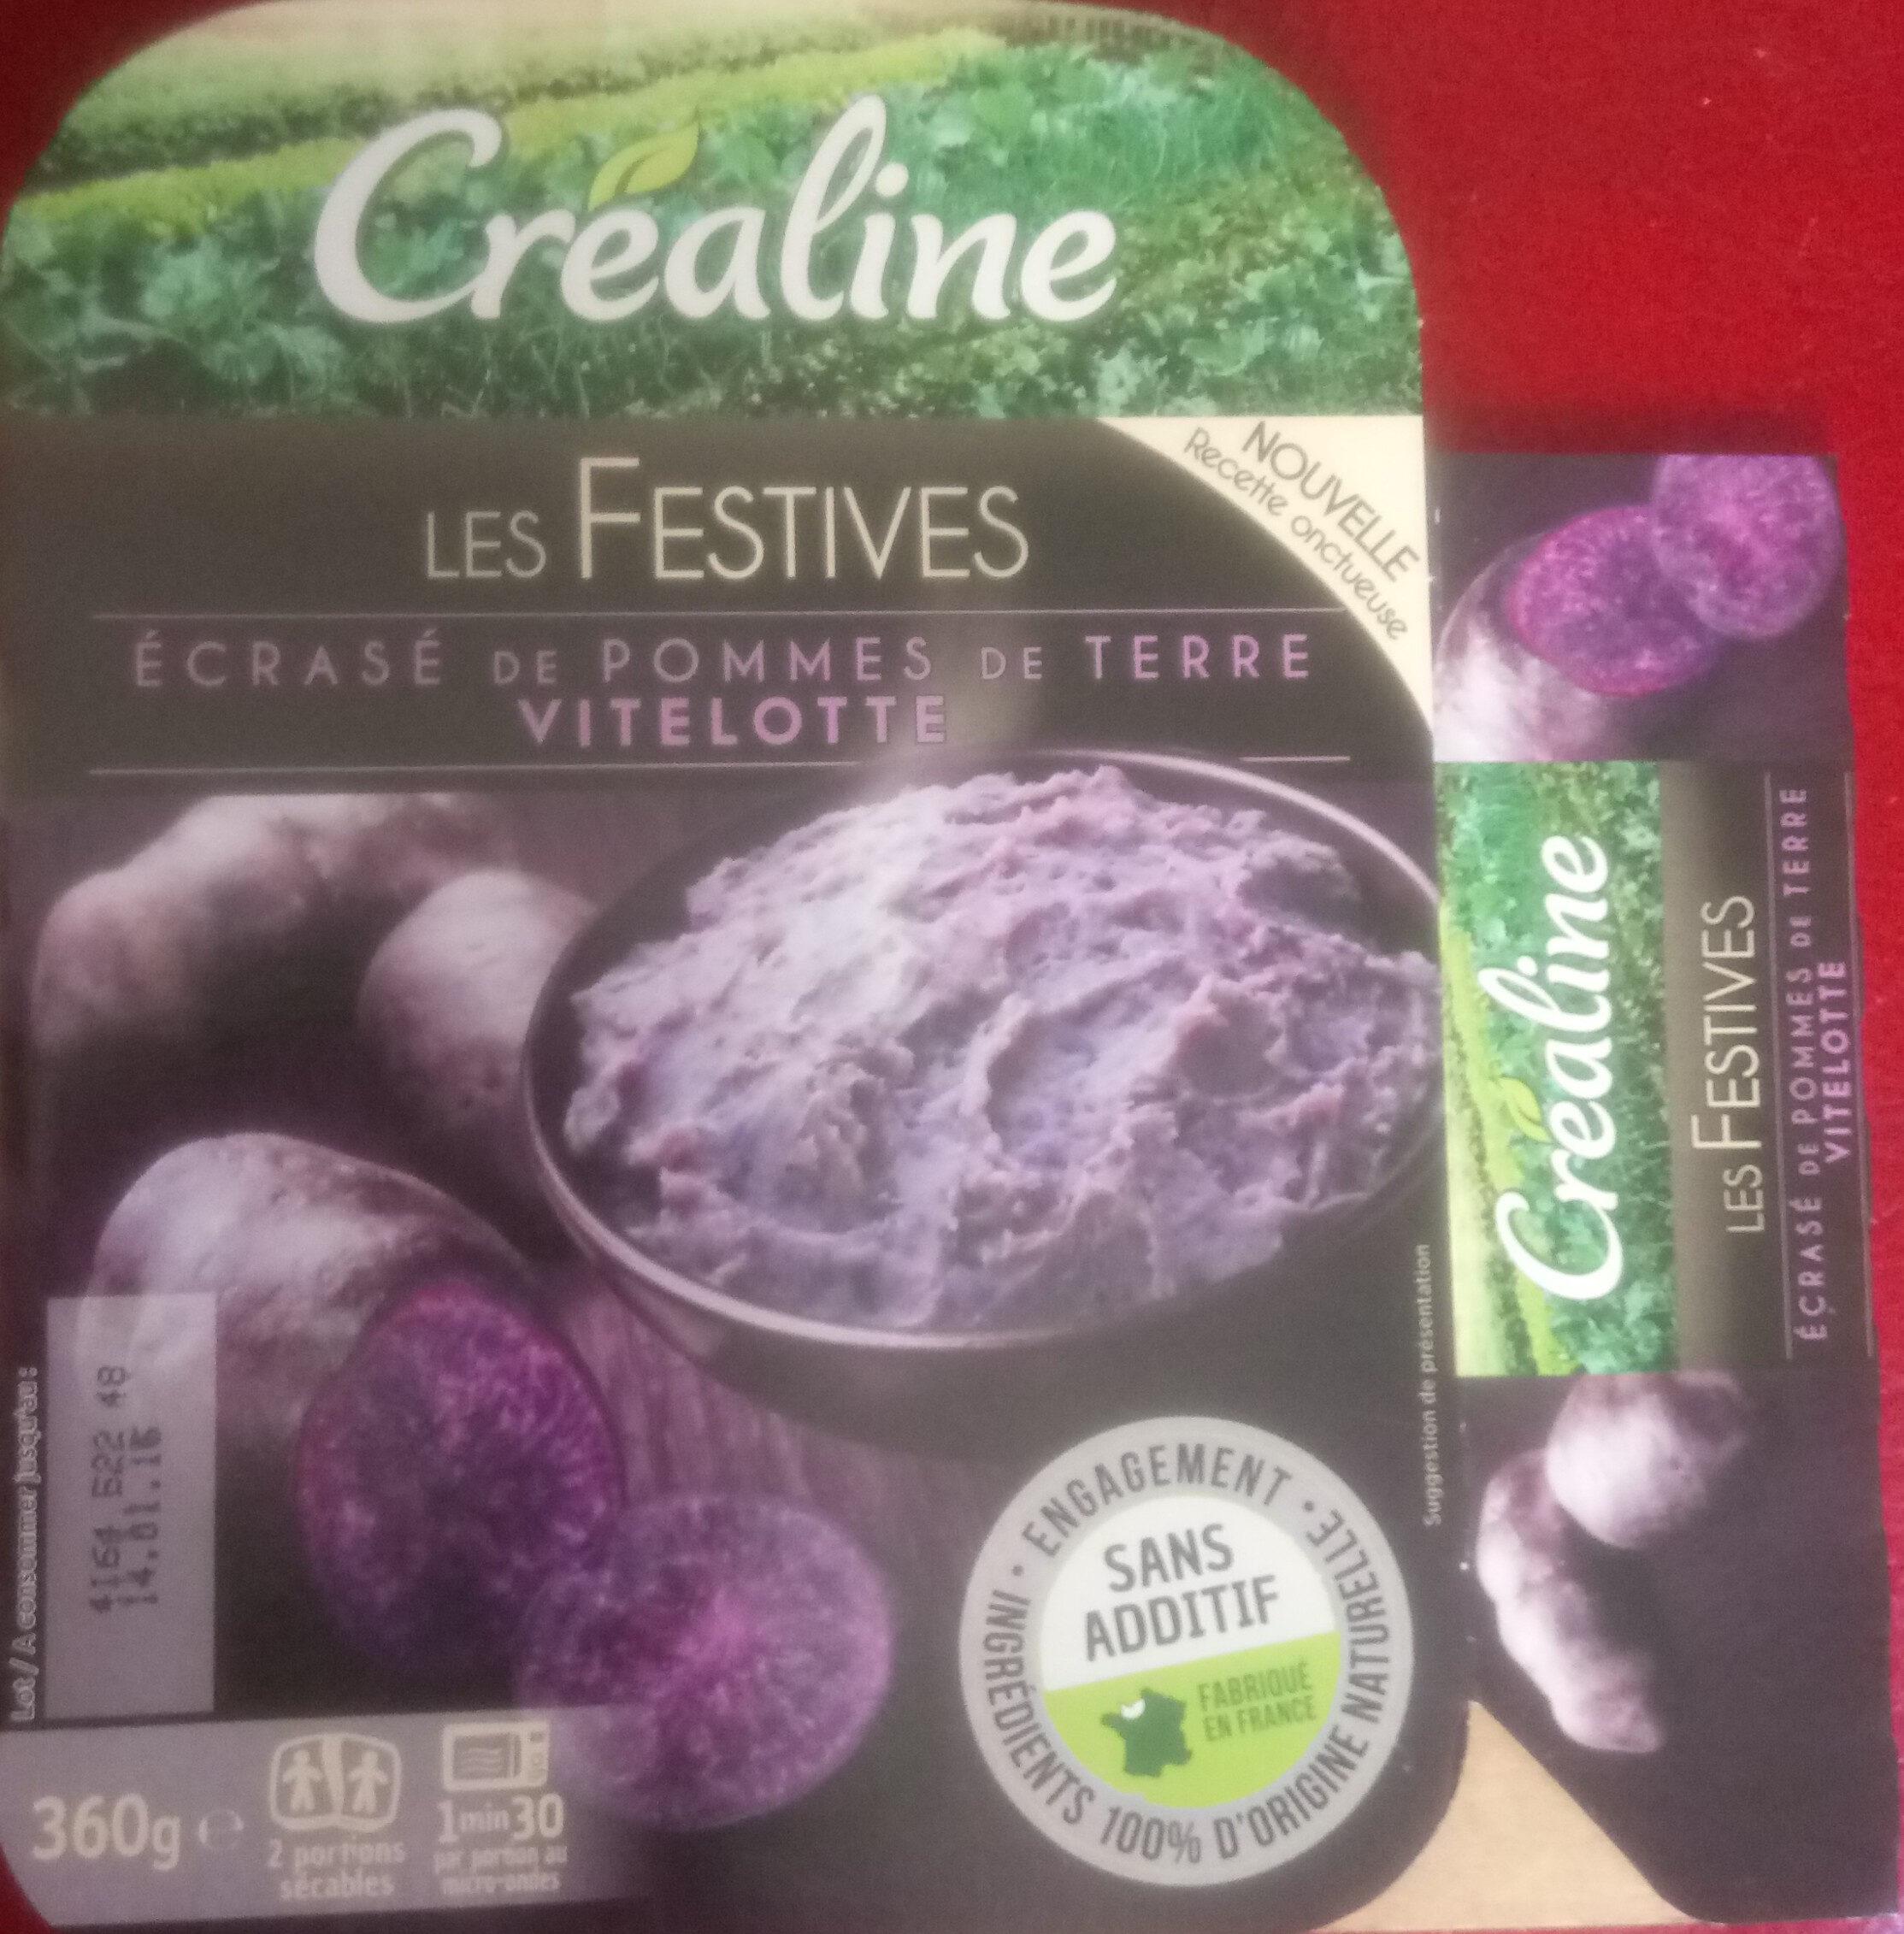 Les festives Écrasé de pomme de terre Vitelotte - Product - fr